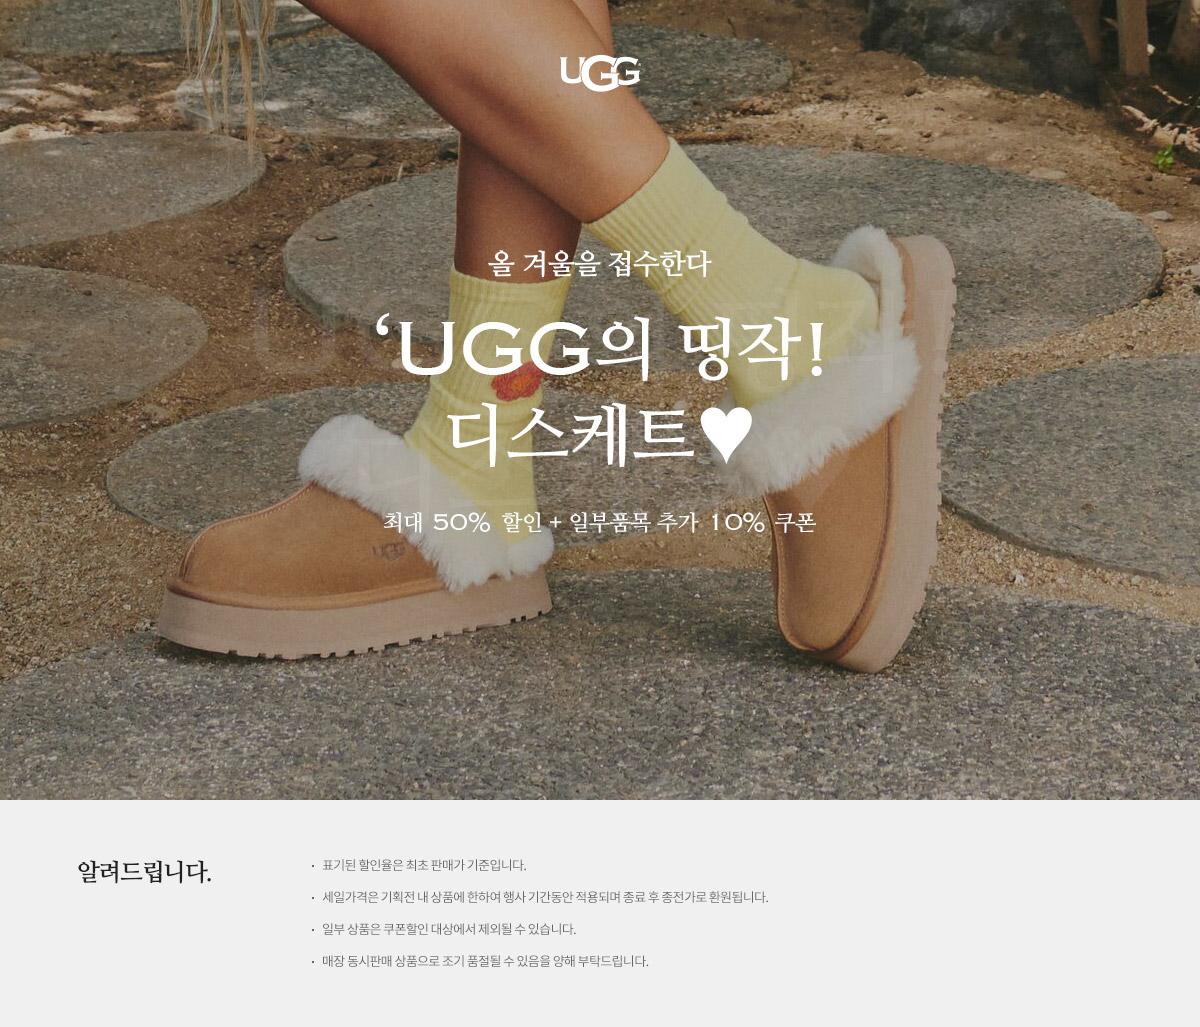 [기획전상세]UGG의 띵작! 디스케트♥